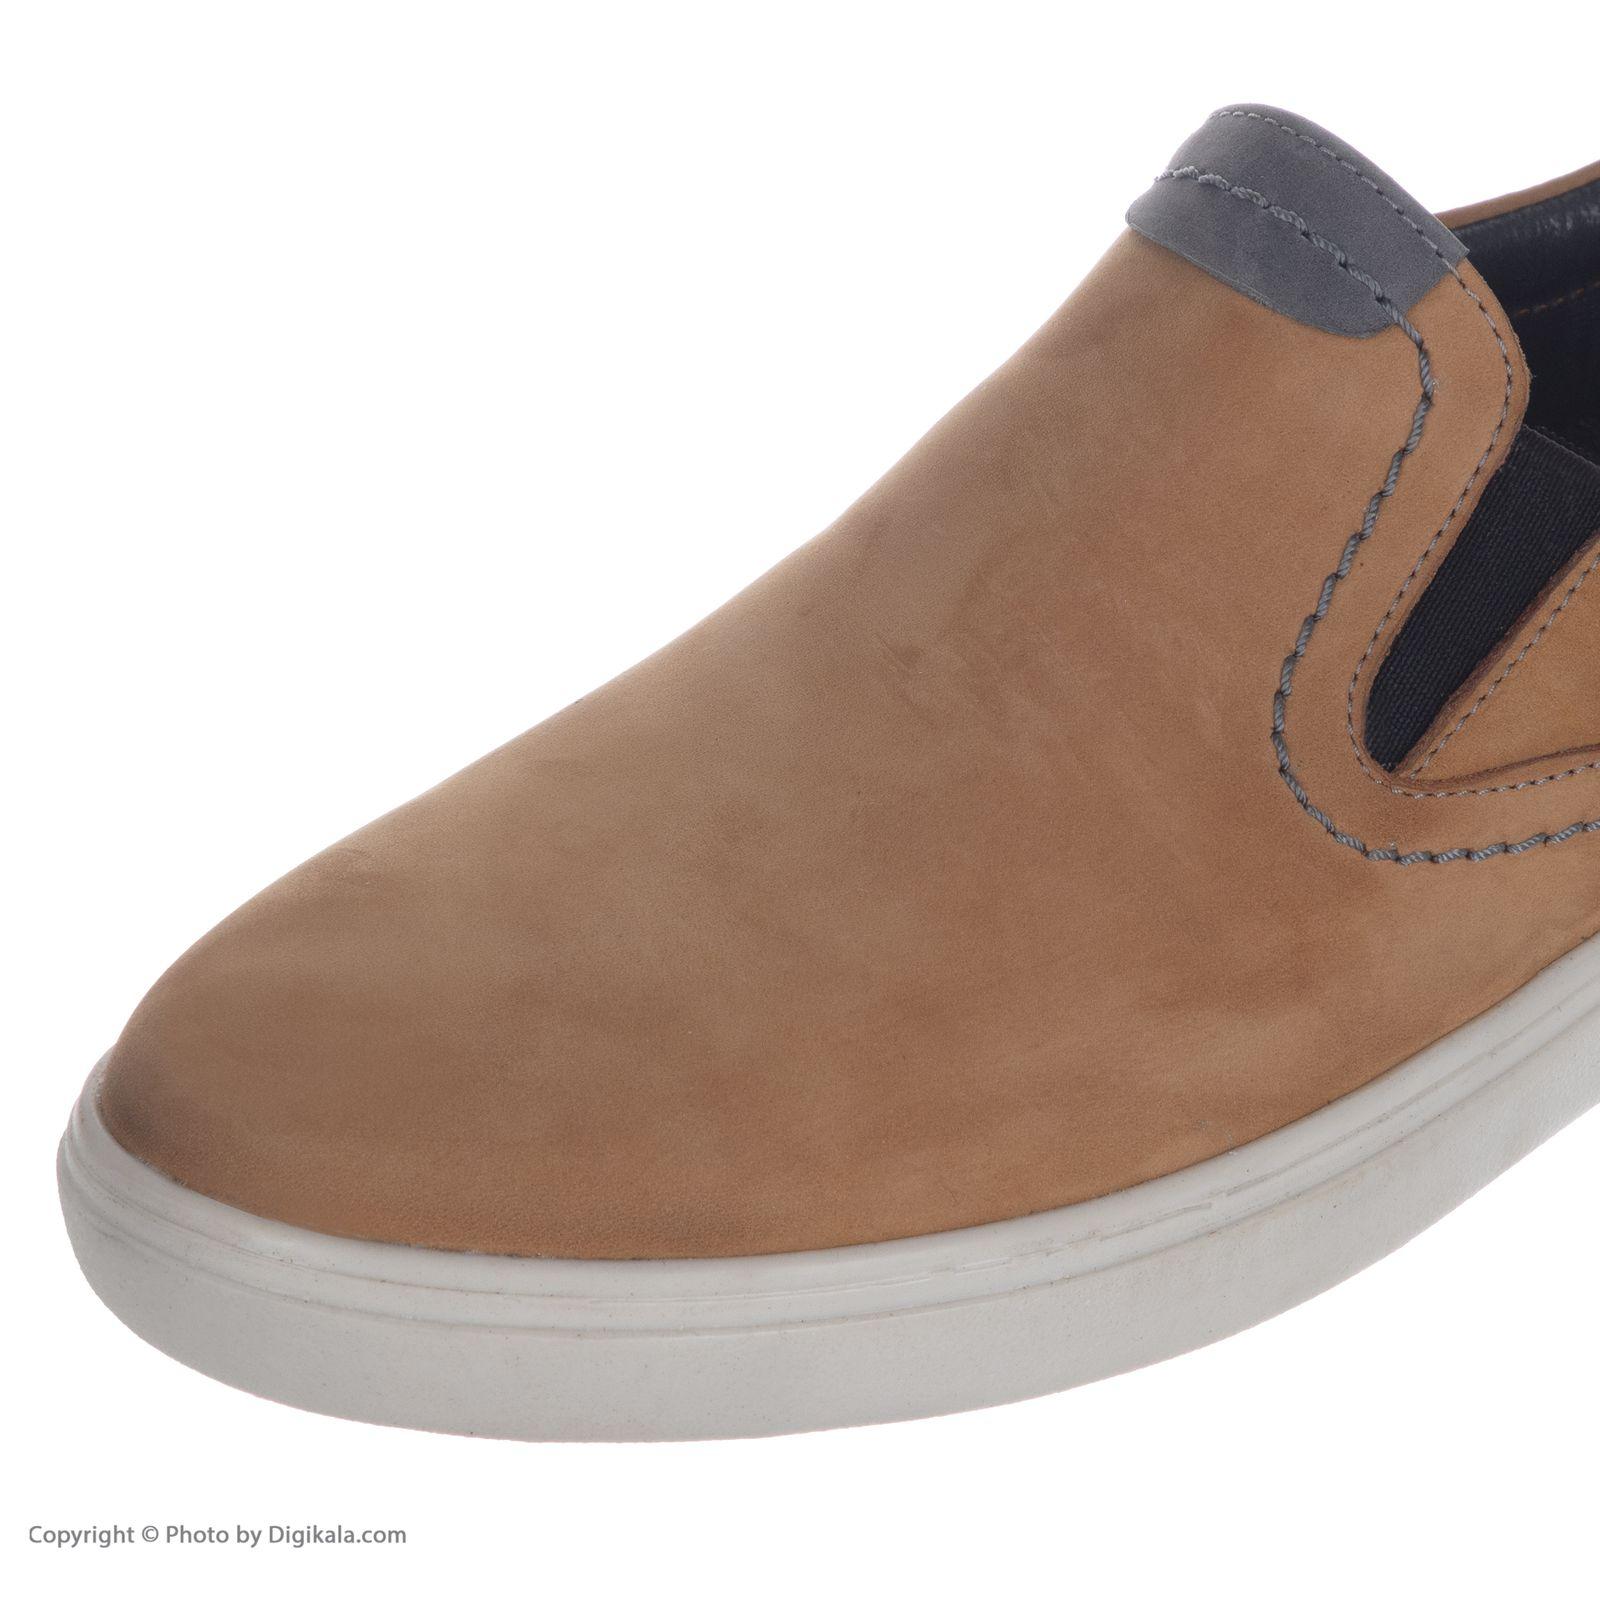 کفش روزمره مردانه دانادل مدل 8613A503136 -  - 5